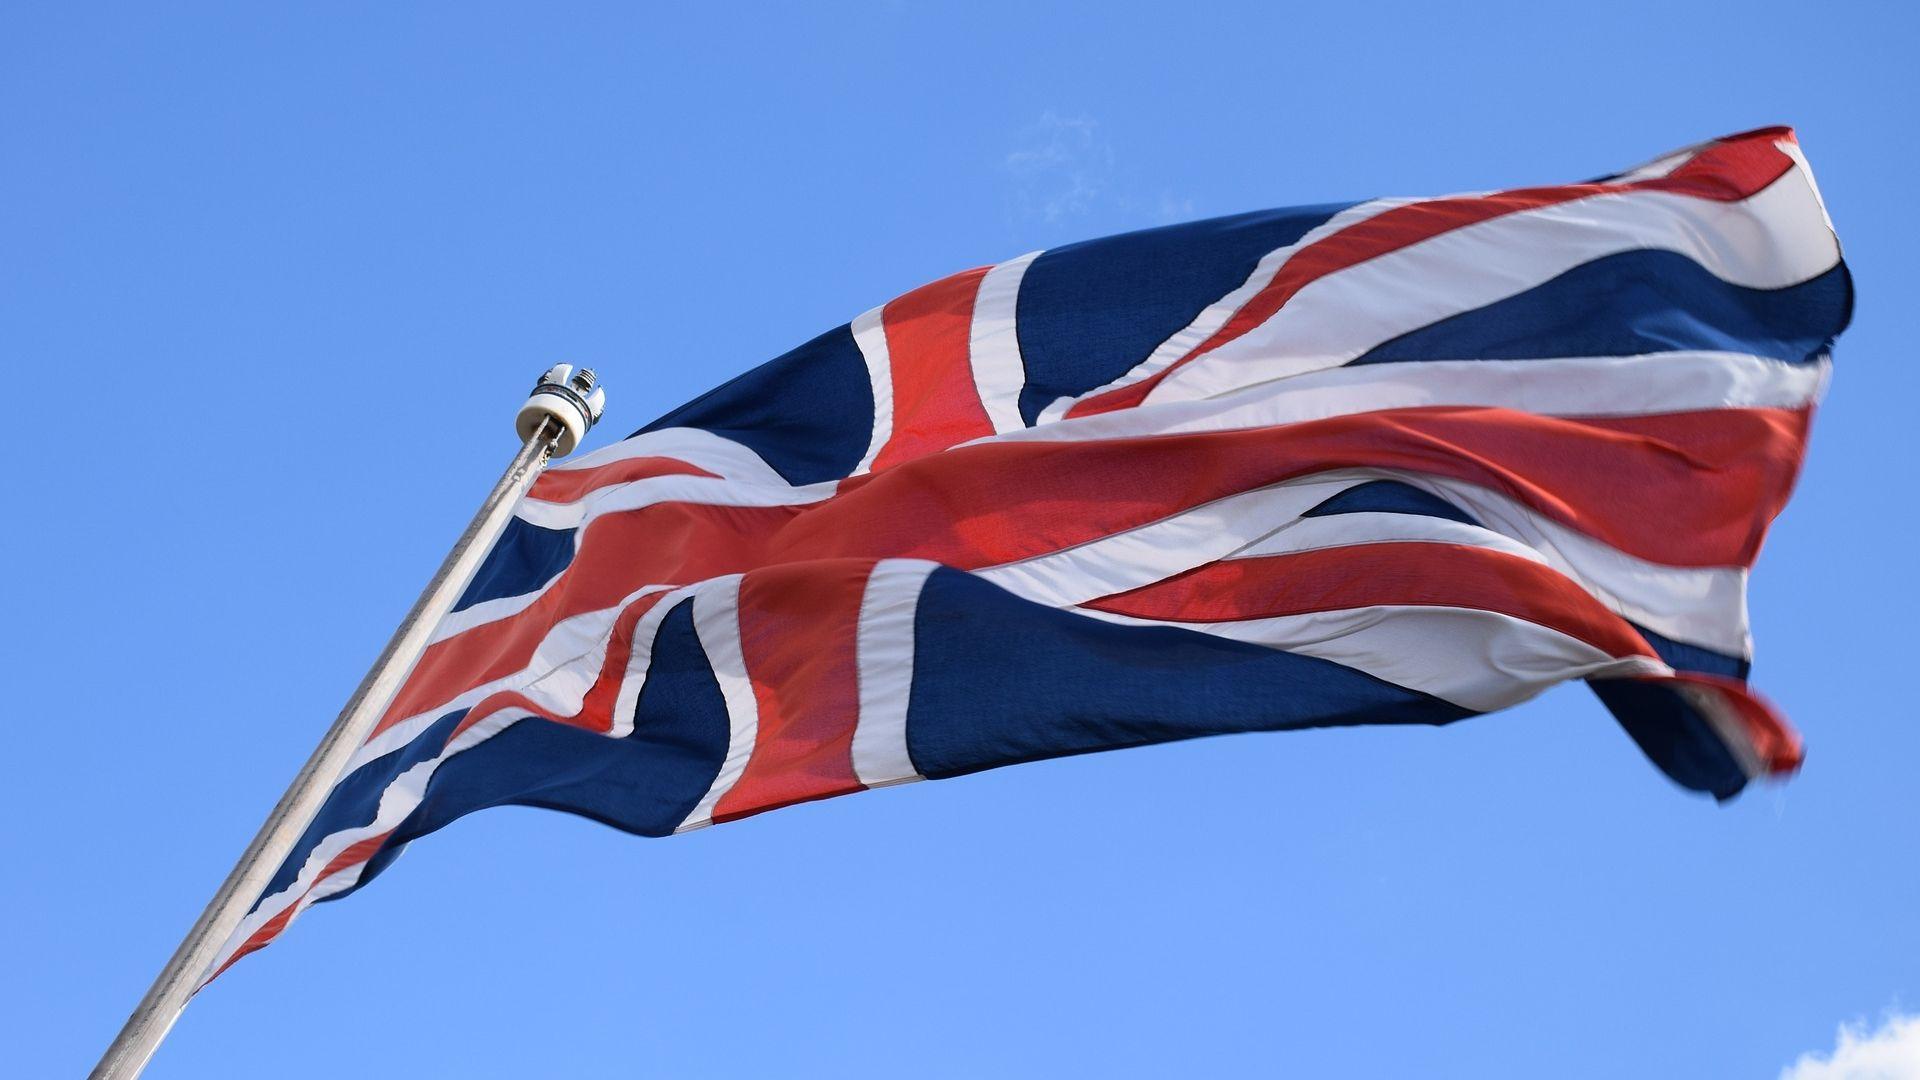 Emergenza Coronavirus. Nuova ordinanza ingressi dal Regno Unito ed esenzioni parziale per il personale viaggiante e gli equipaggi dei mezzi di trasporto